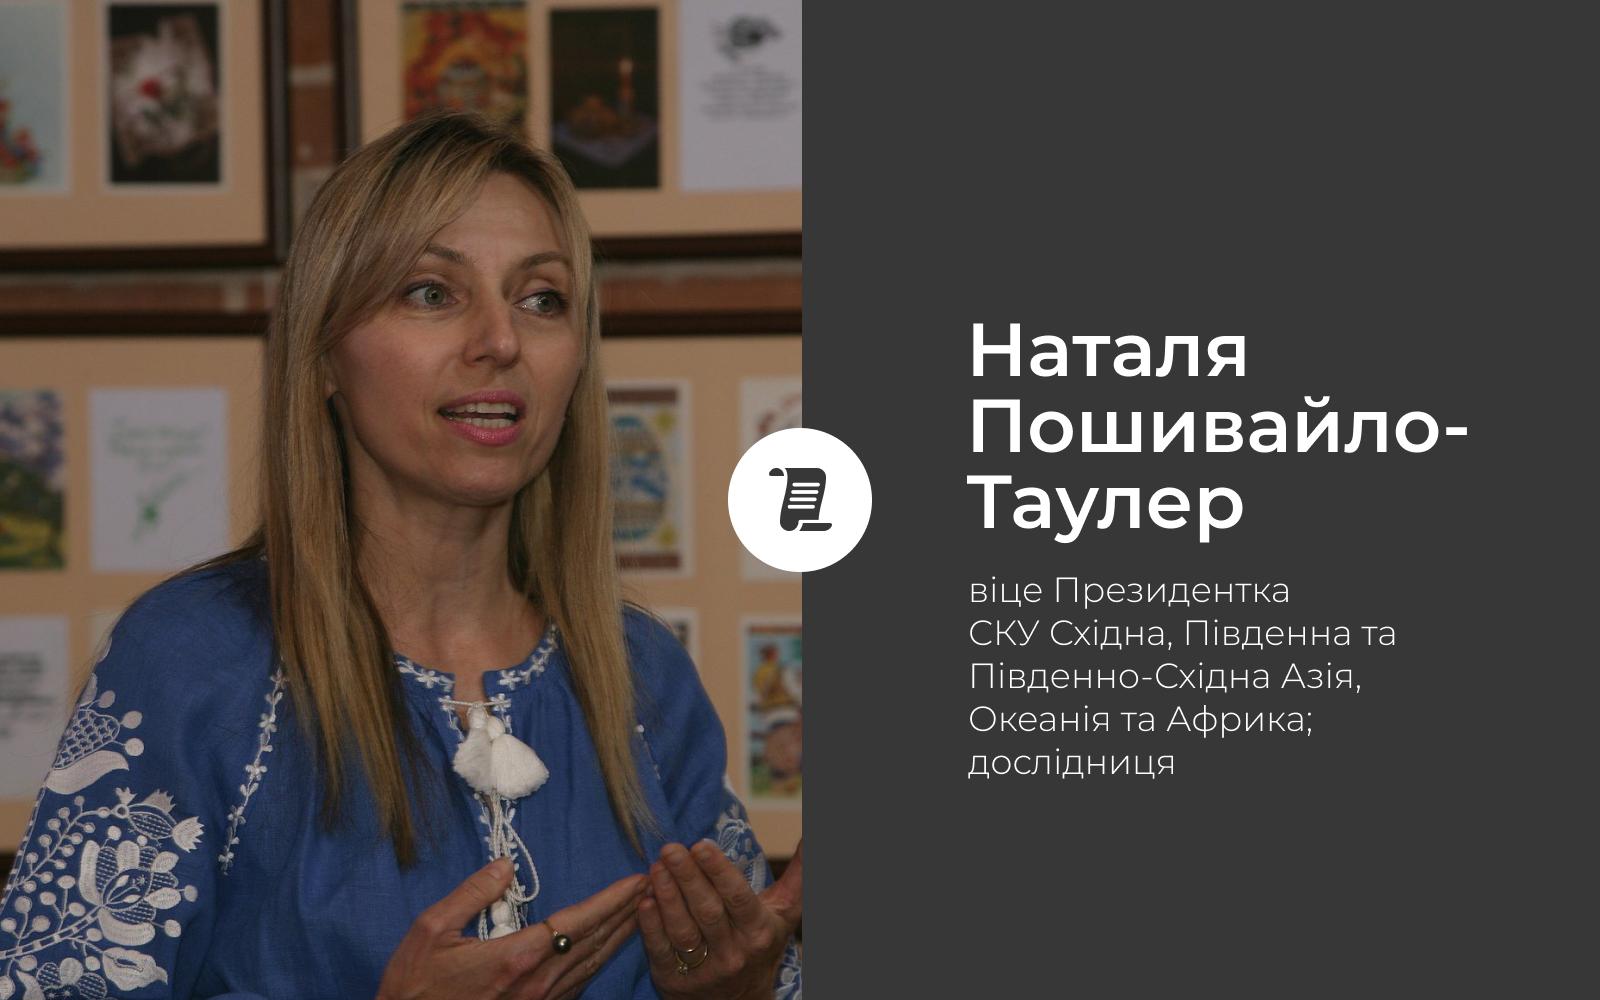 Наталя Пошивайло-Таулер